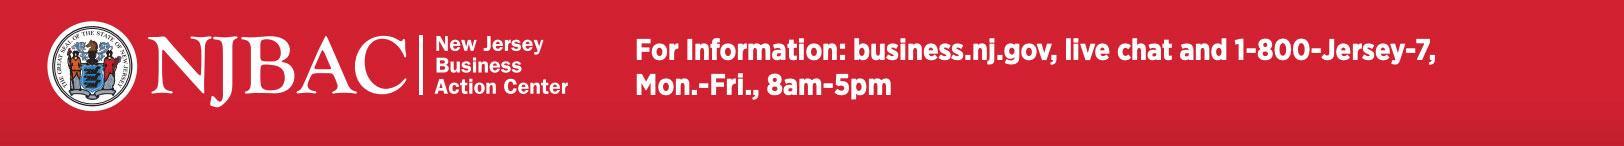 NJBAC for more information visit business.nj.gov